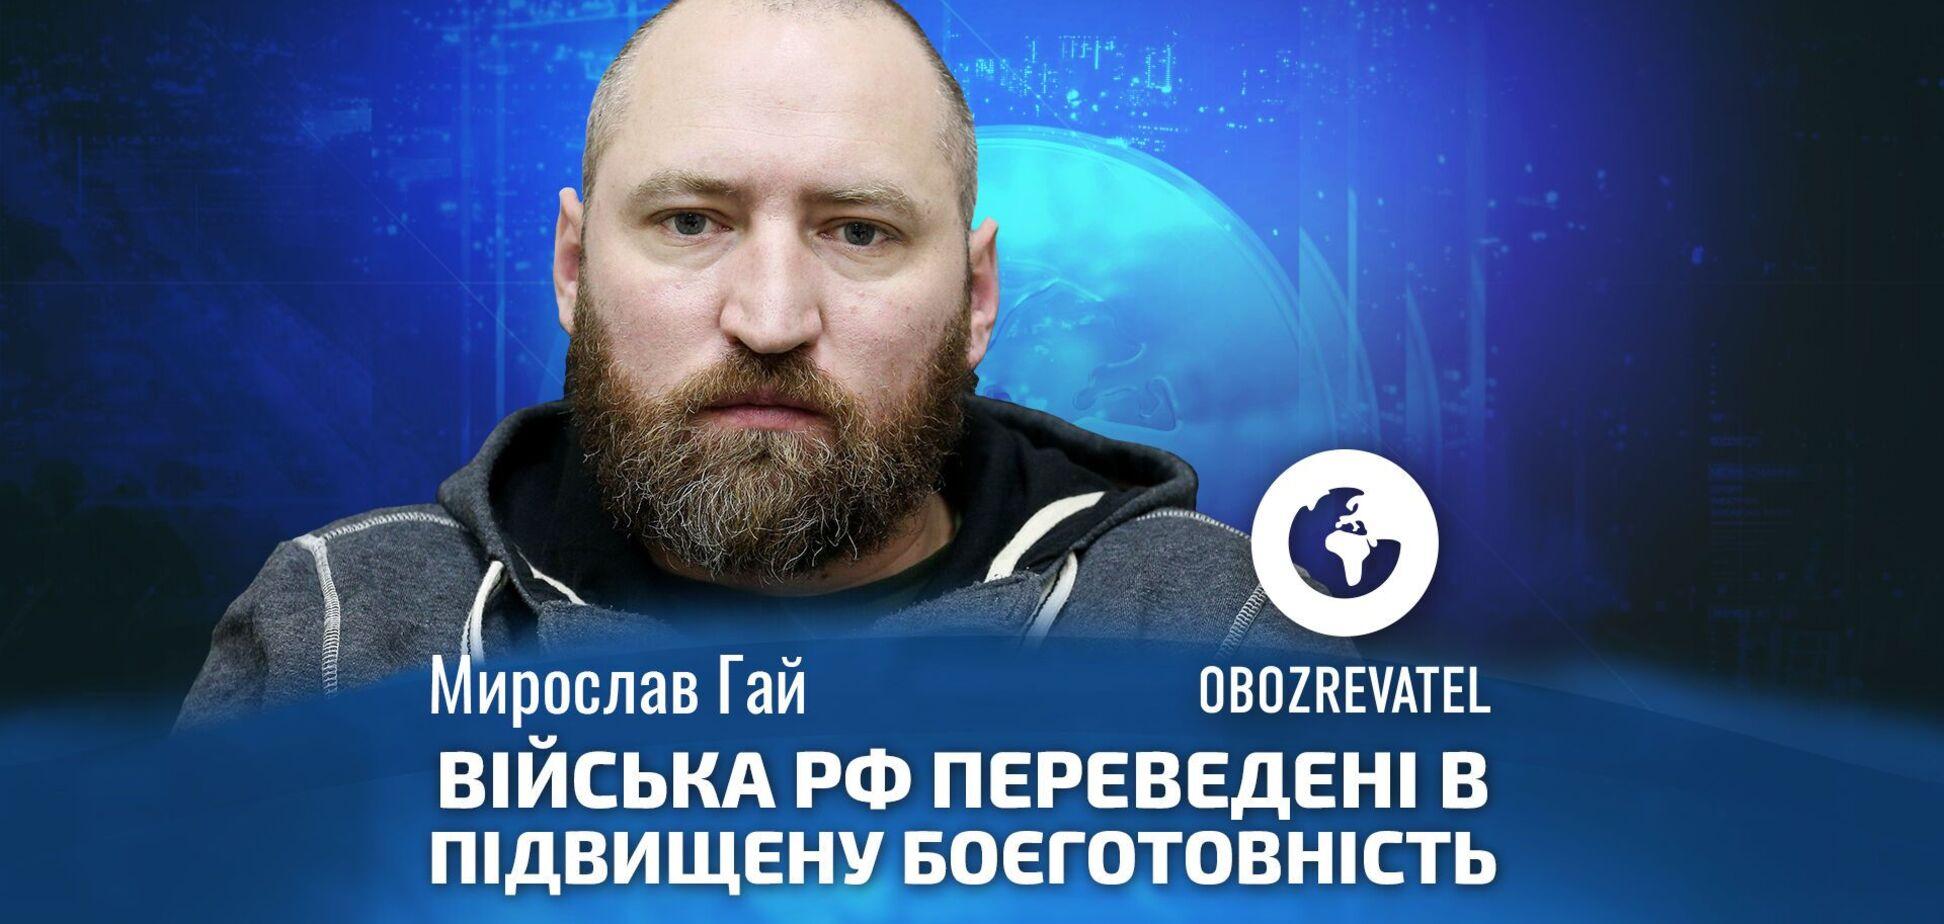 Мирослав Гай: войска РФ в состоянии повышенной боеготовности